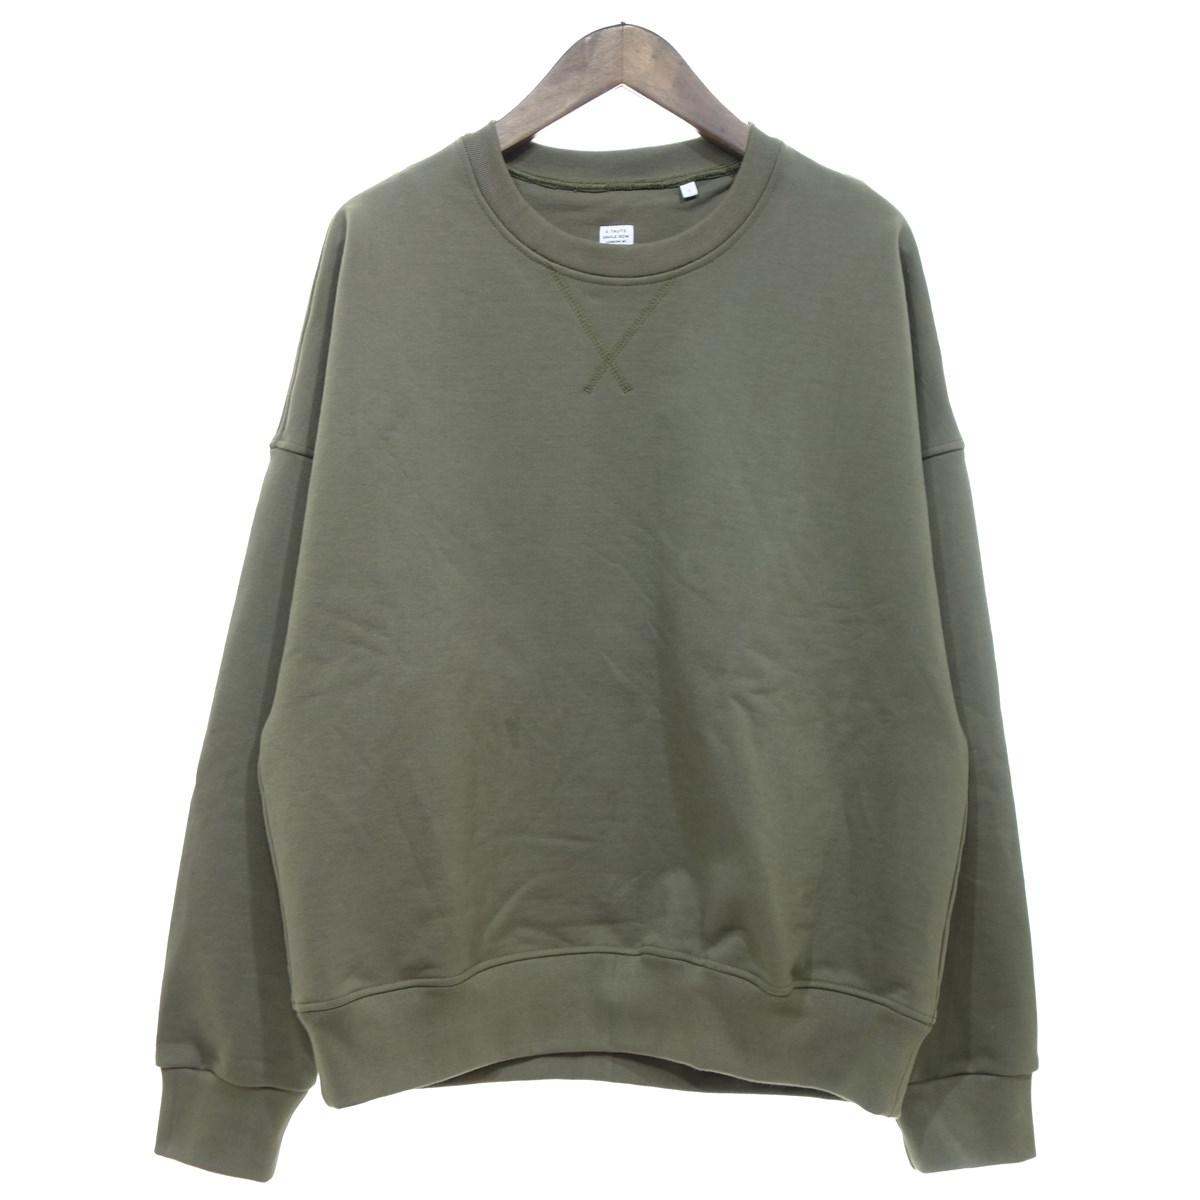 【中古】E.TAUTZ 【2020S/S】plain military sweatshirt トレーナー カーキ サイズ:S 【040420】(イートウツ)